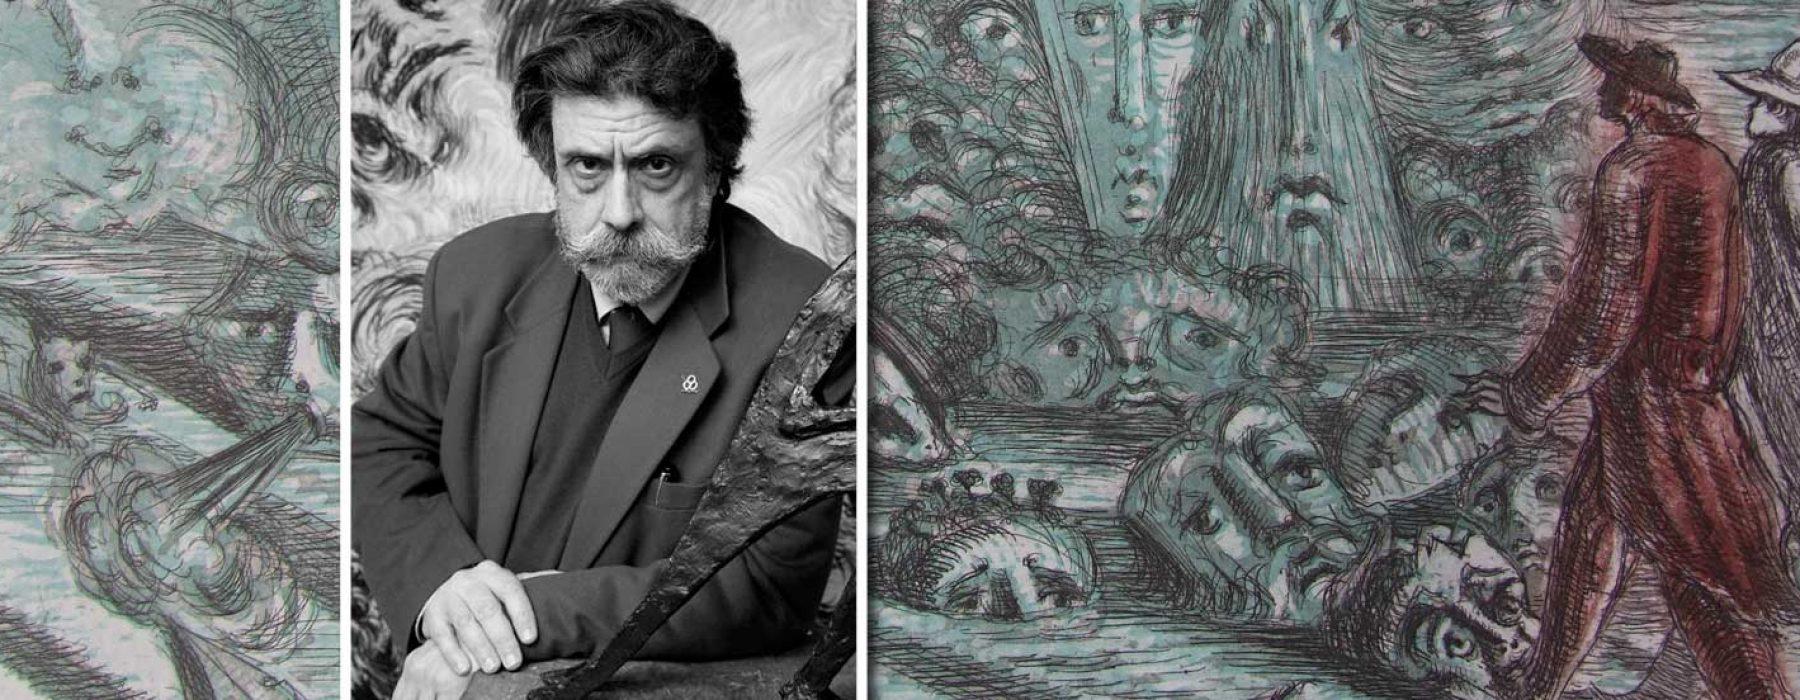 Die Essenz der italienischen Kunst und Kultur in einem Meisterwerk